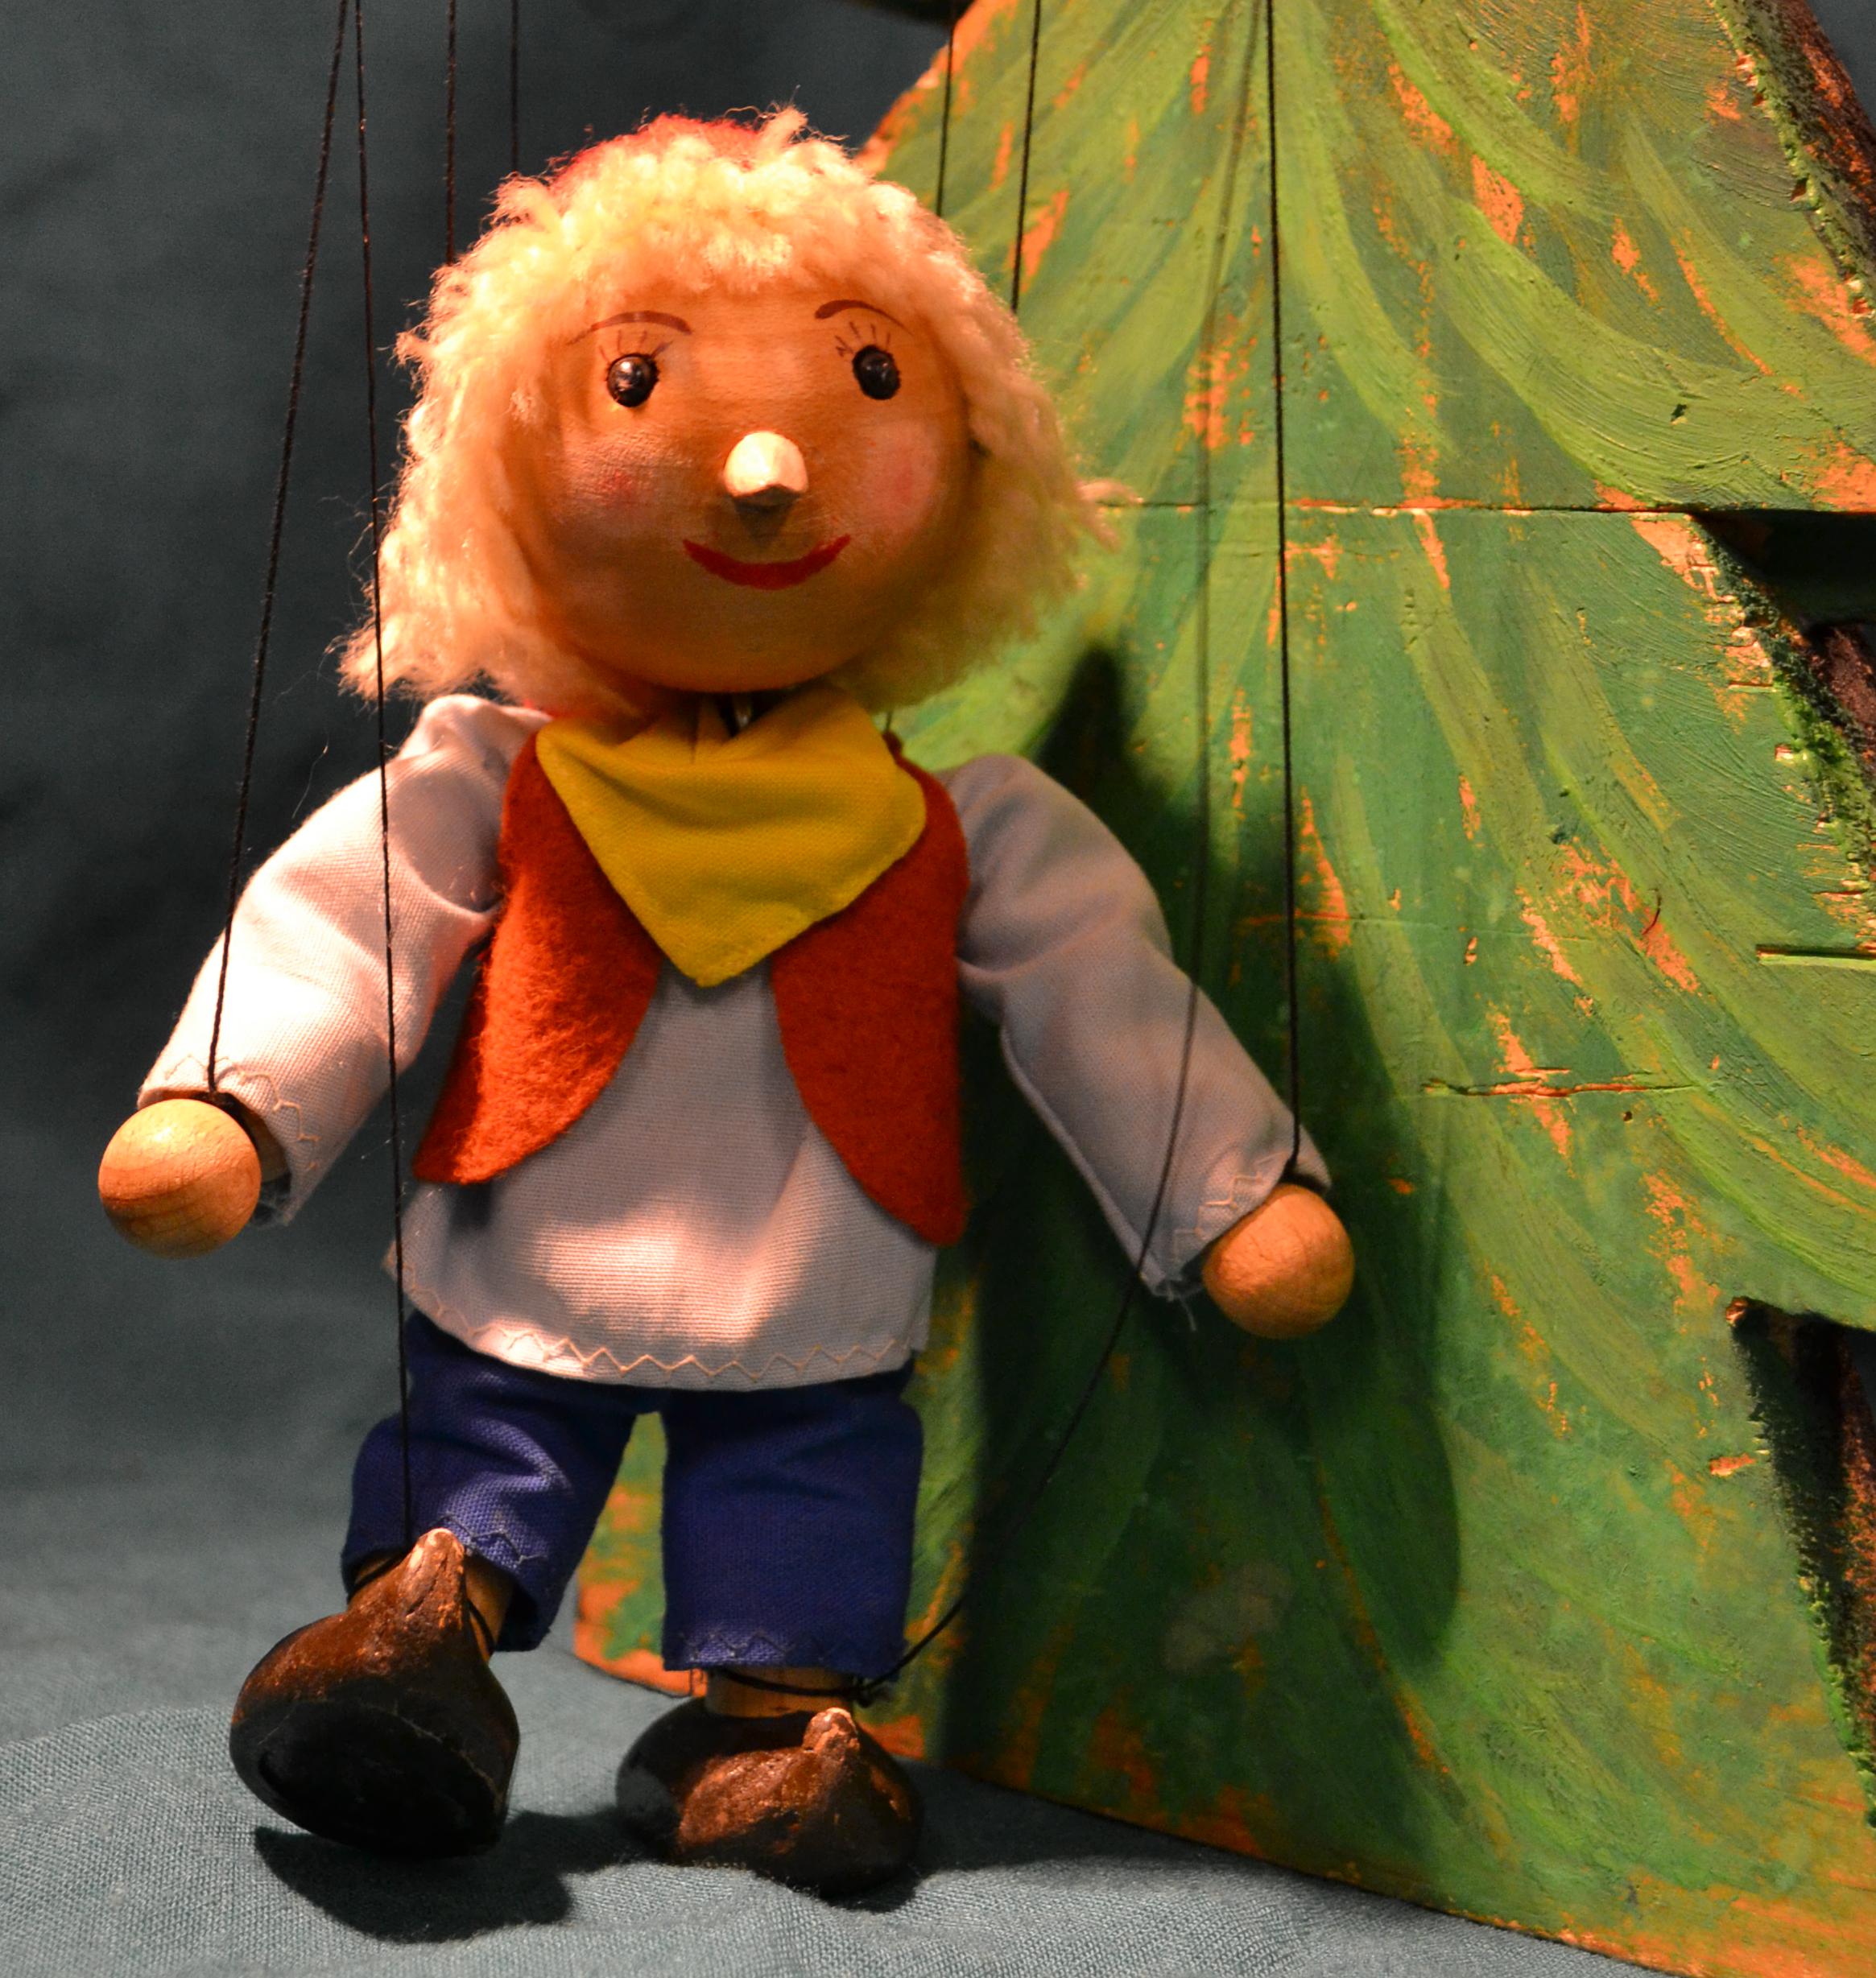 Eine Prinzessin Zu Weihnachten.Figurentheater Weihnachtspferd Fur Prinzessin Lilli Gesucht